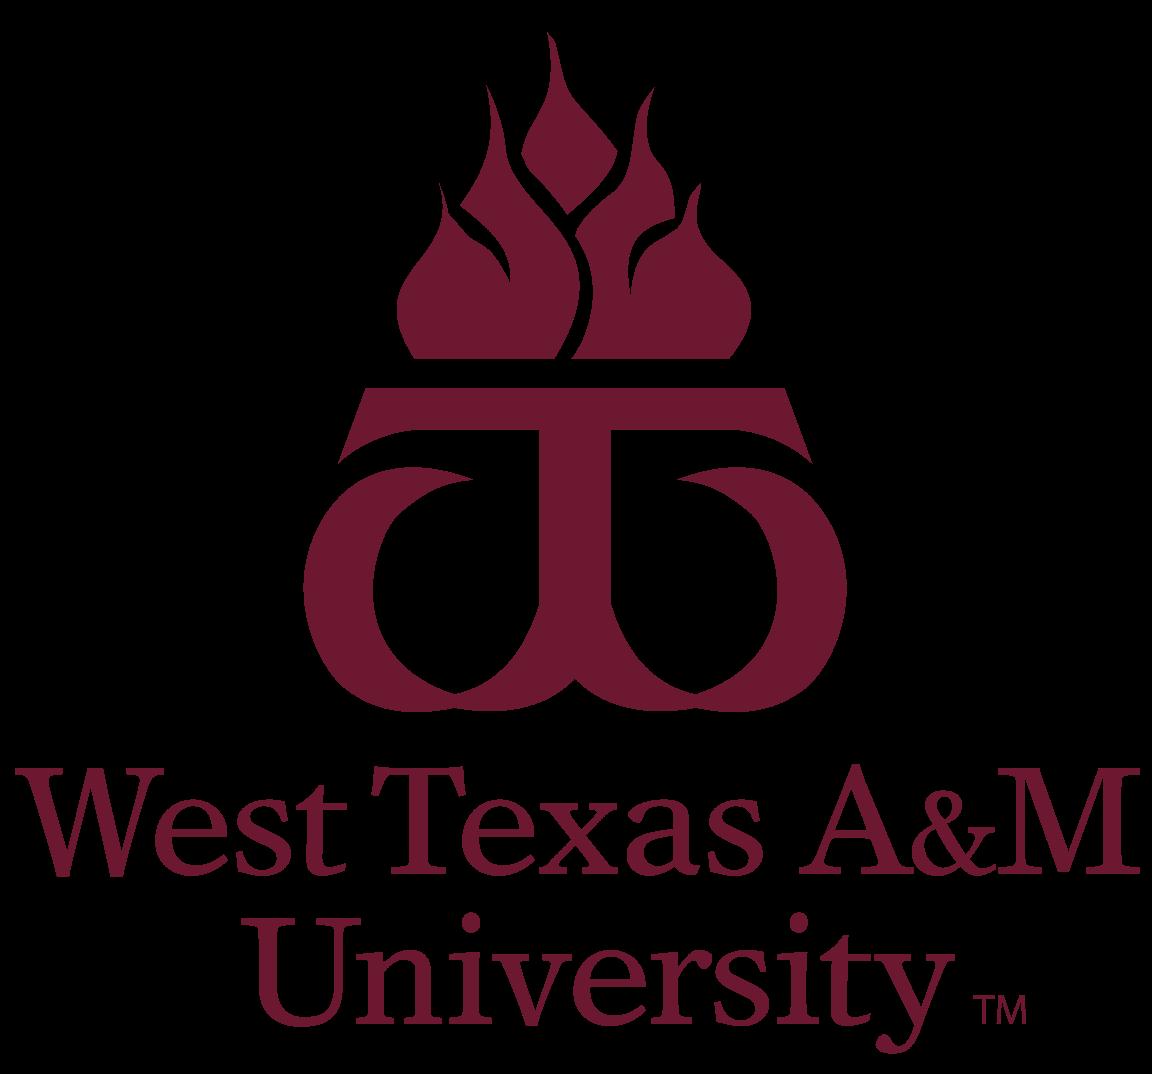 West Texas AM University logo